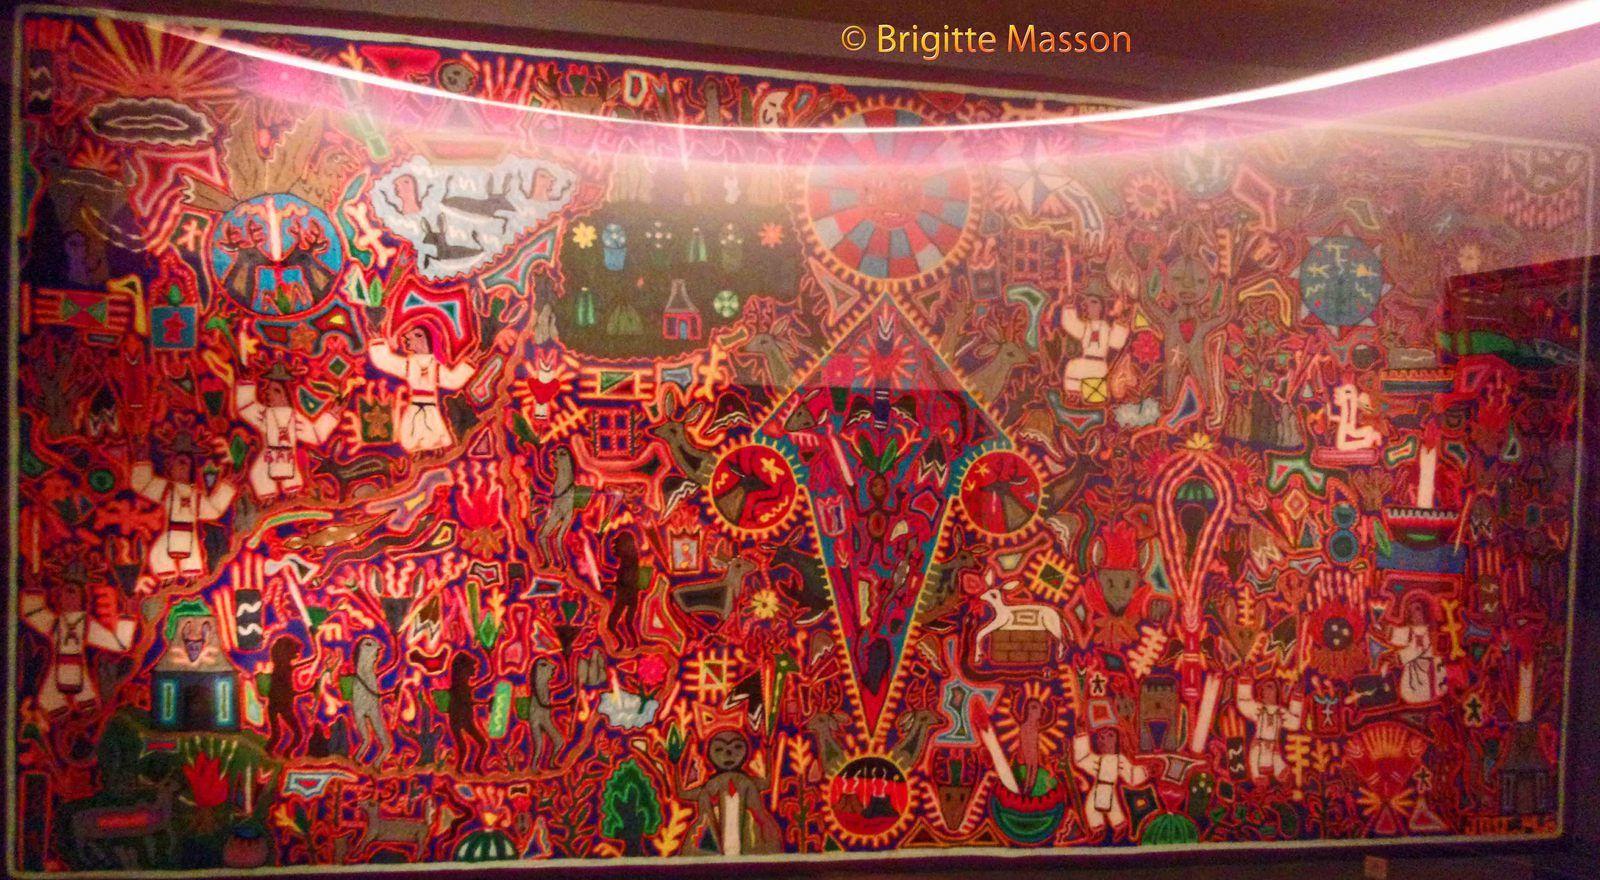 La collection d'objets mexicains de François Reichenbach